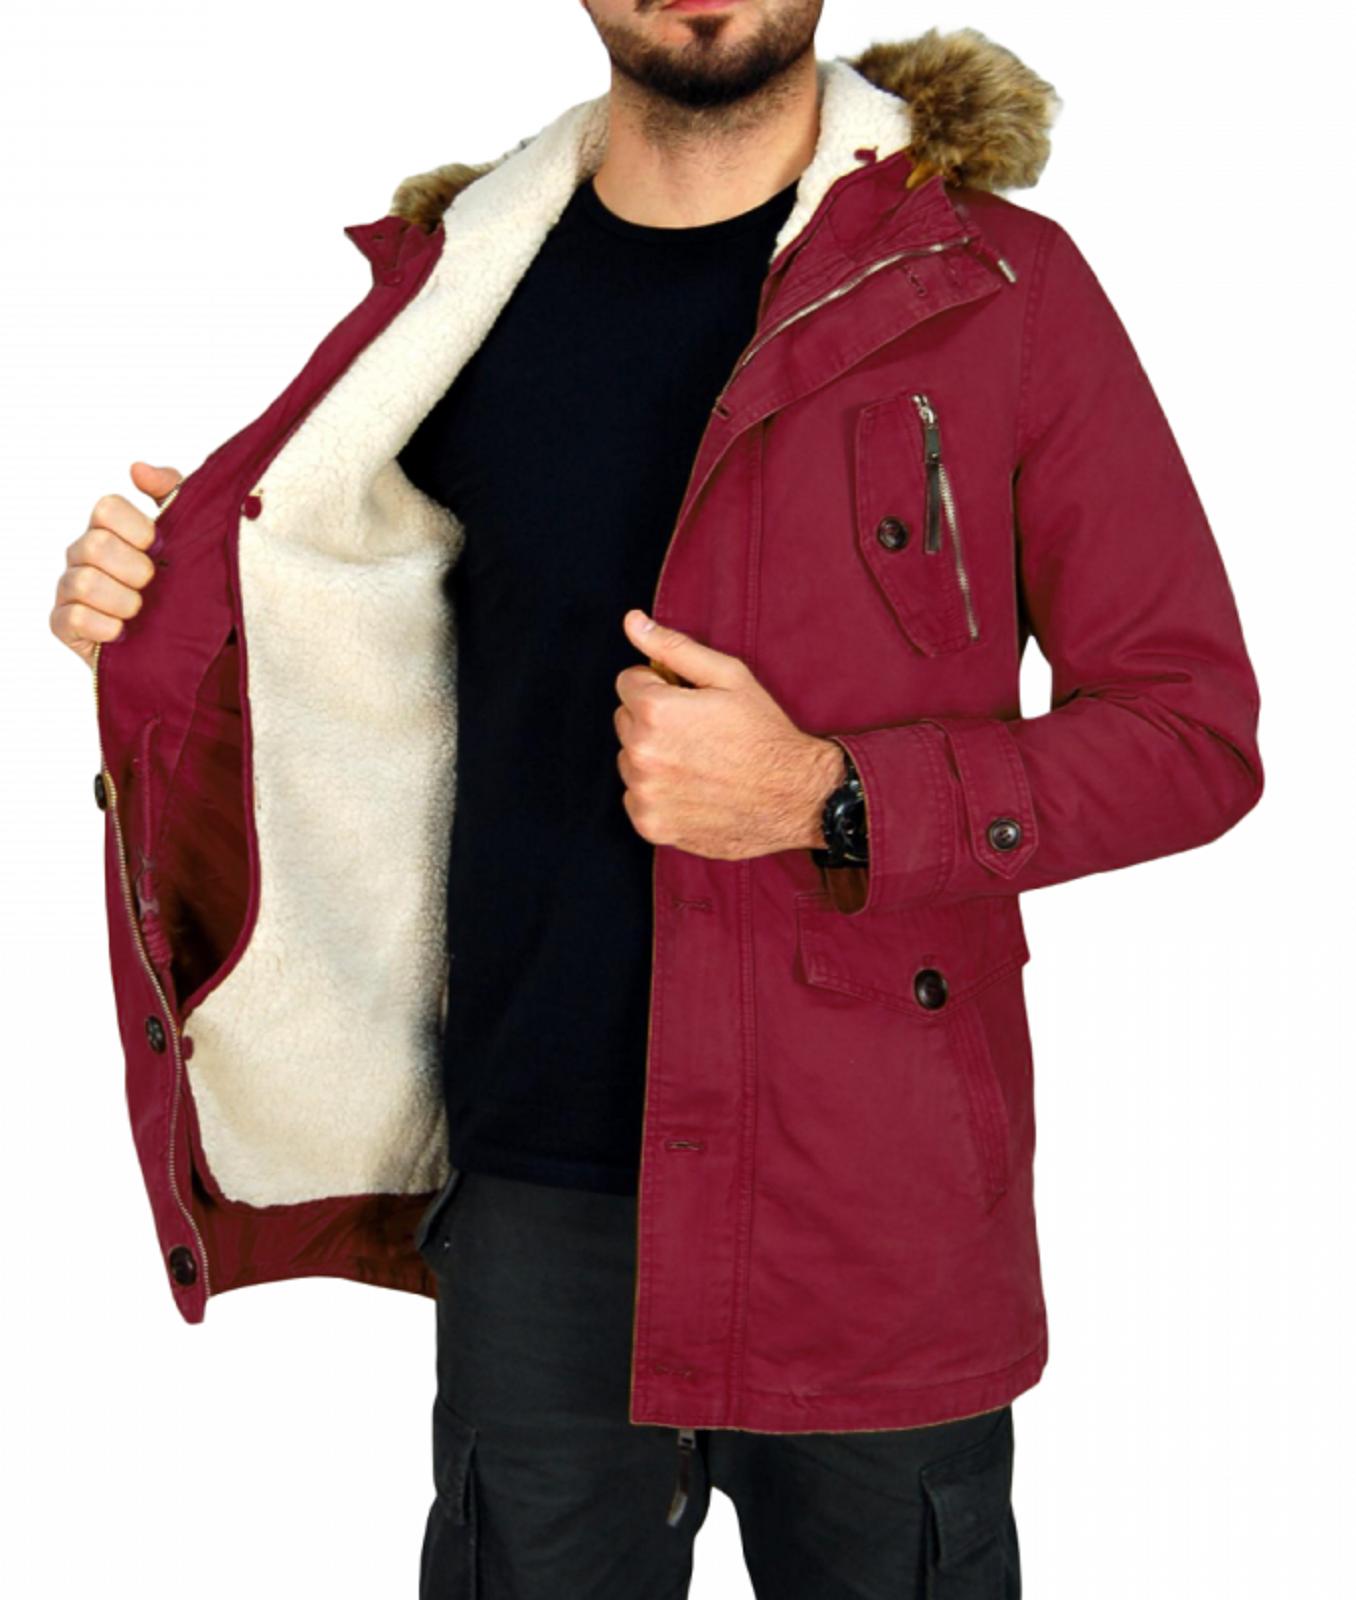 Giubbotto-Parka-Uomo-Invernale-Sfoderabile-pelliccia-cappuccio-lungo-verde miniatura 16